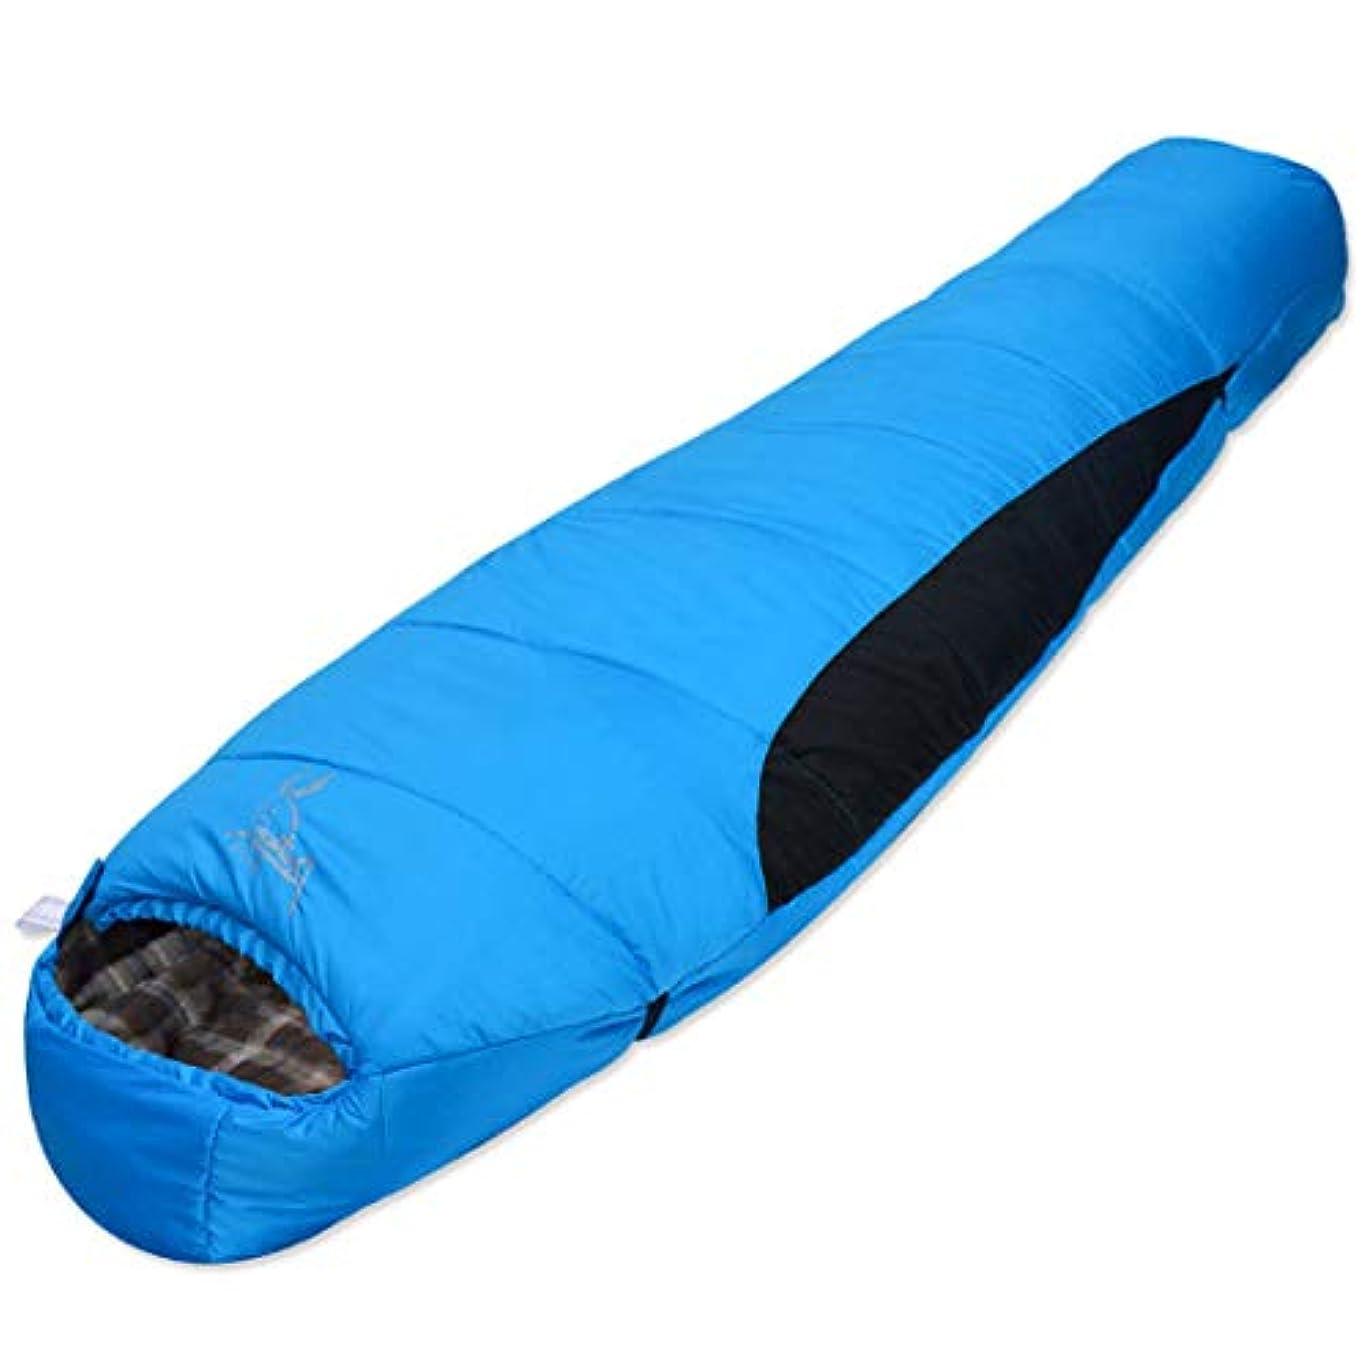 怠感静かな関数LilyAngel 寝袋厚い暖かいミイラキャンプキャンプポータブルシングル通気性の寝袋アウトドアキャンプに適した